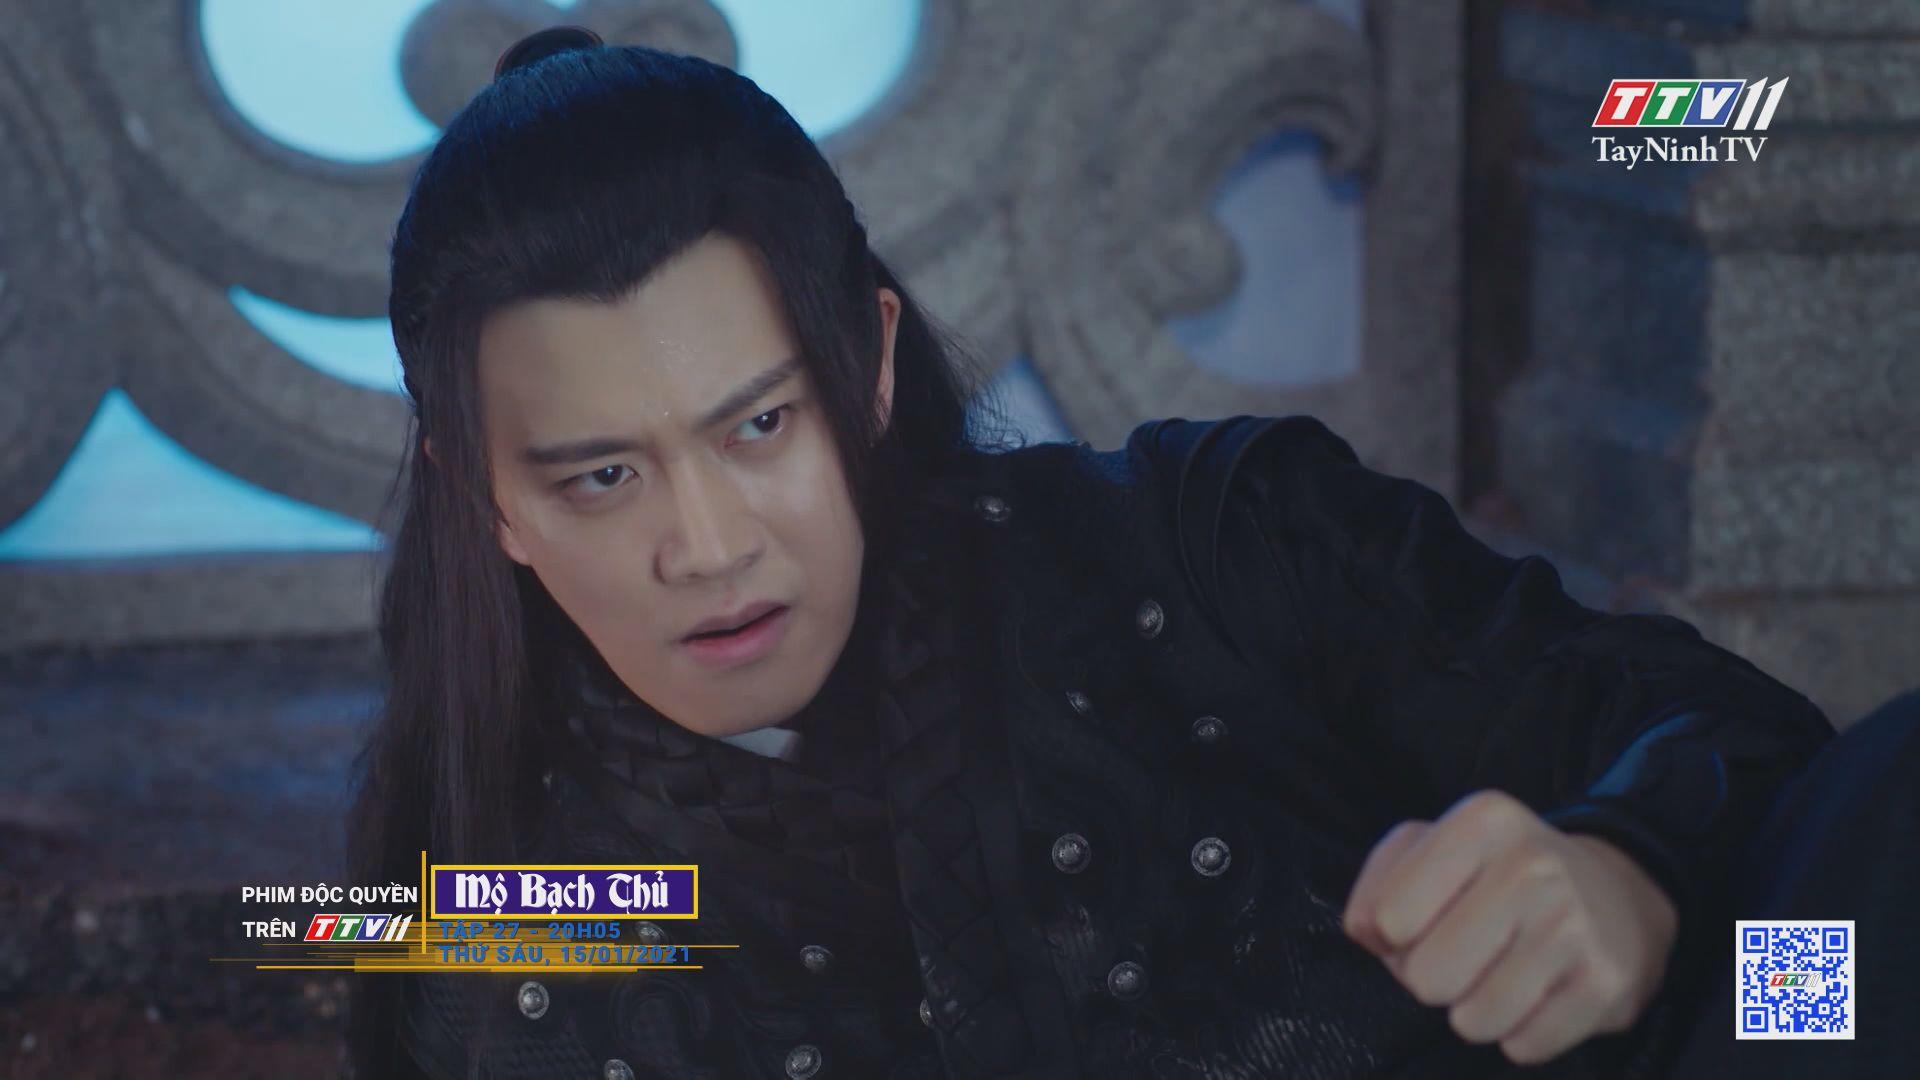 Mộ Bạch Thủ-TẬP 27 trailer | PHIM MỘ BẠCH THỦ | TayNinhTV